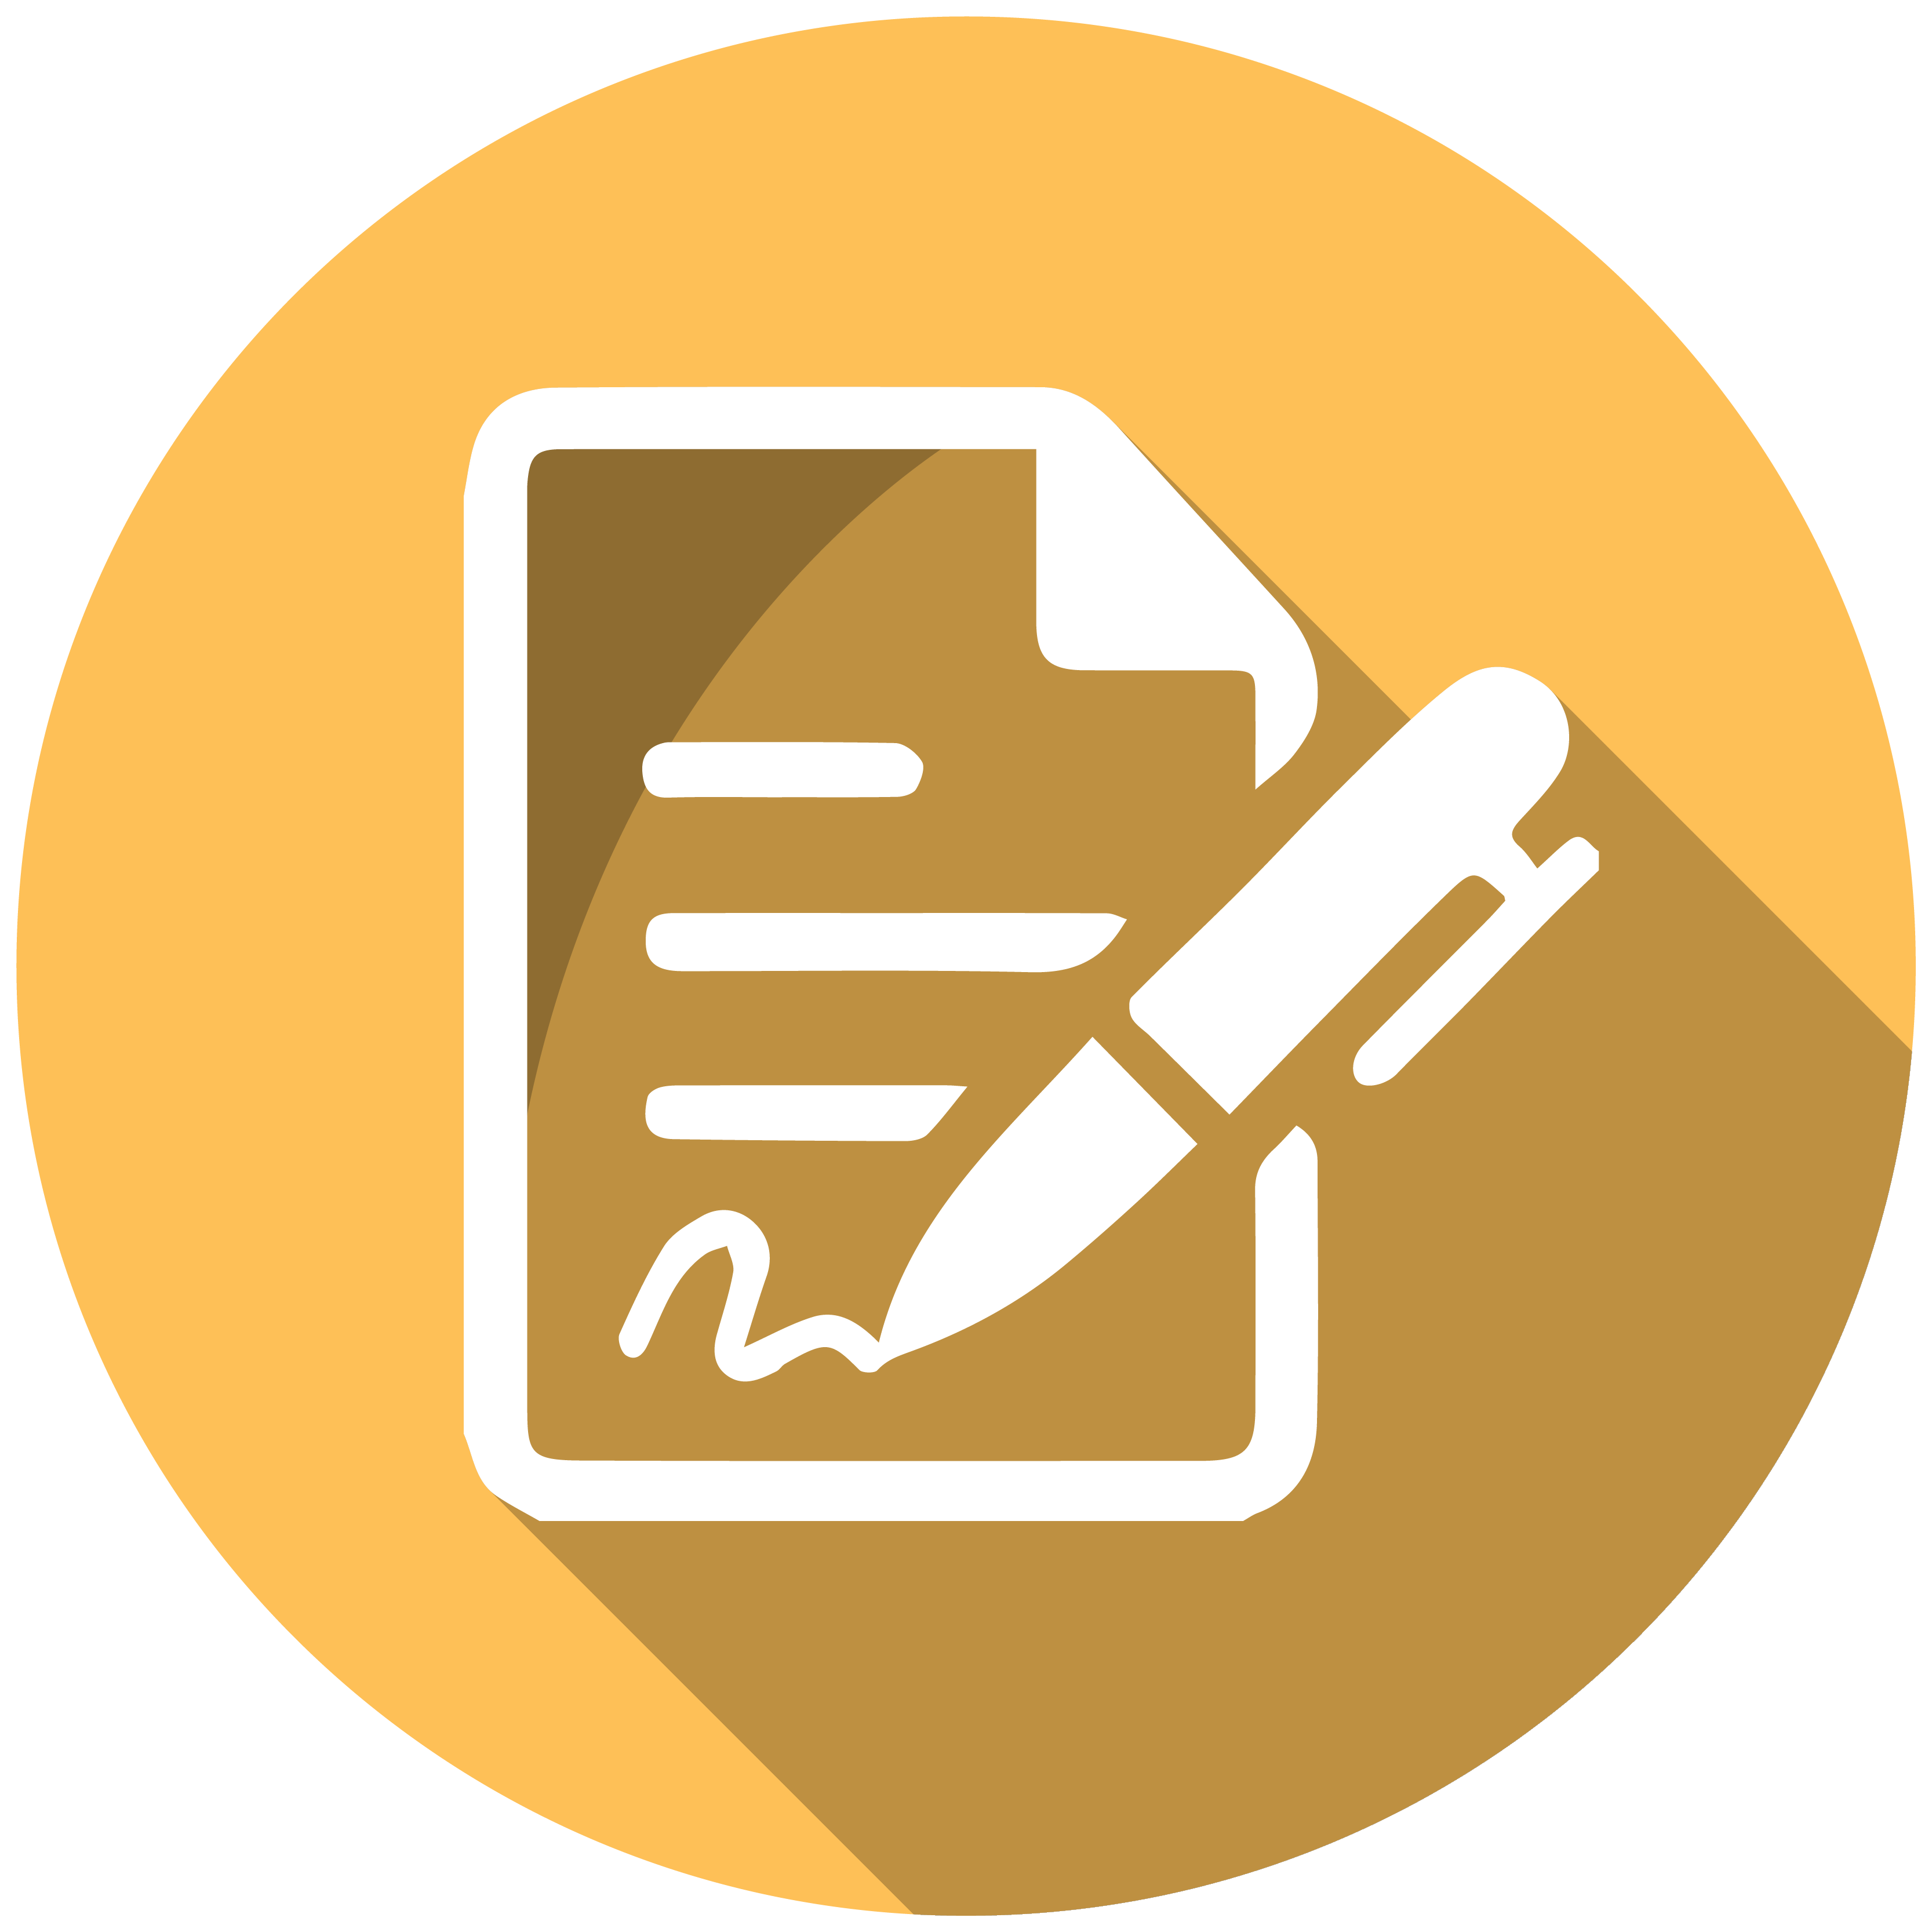 ترجمه مقاله اهداف پیشرفت شاگردان EFL ایرانی در رابطه با کاربرد استراتژی خواندن فراشناختی